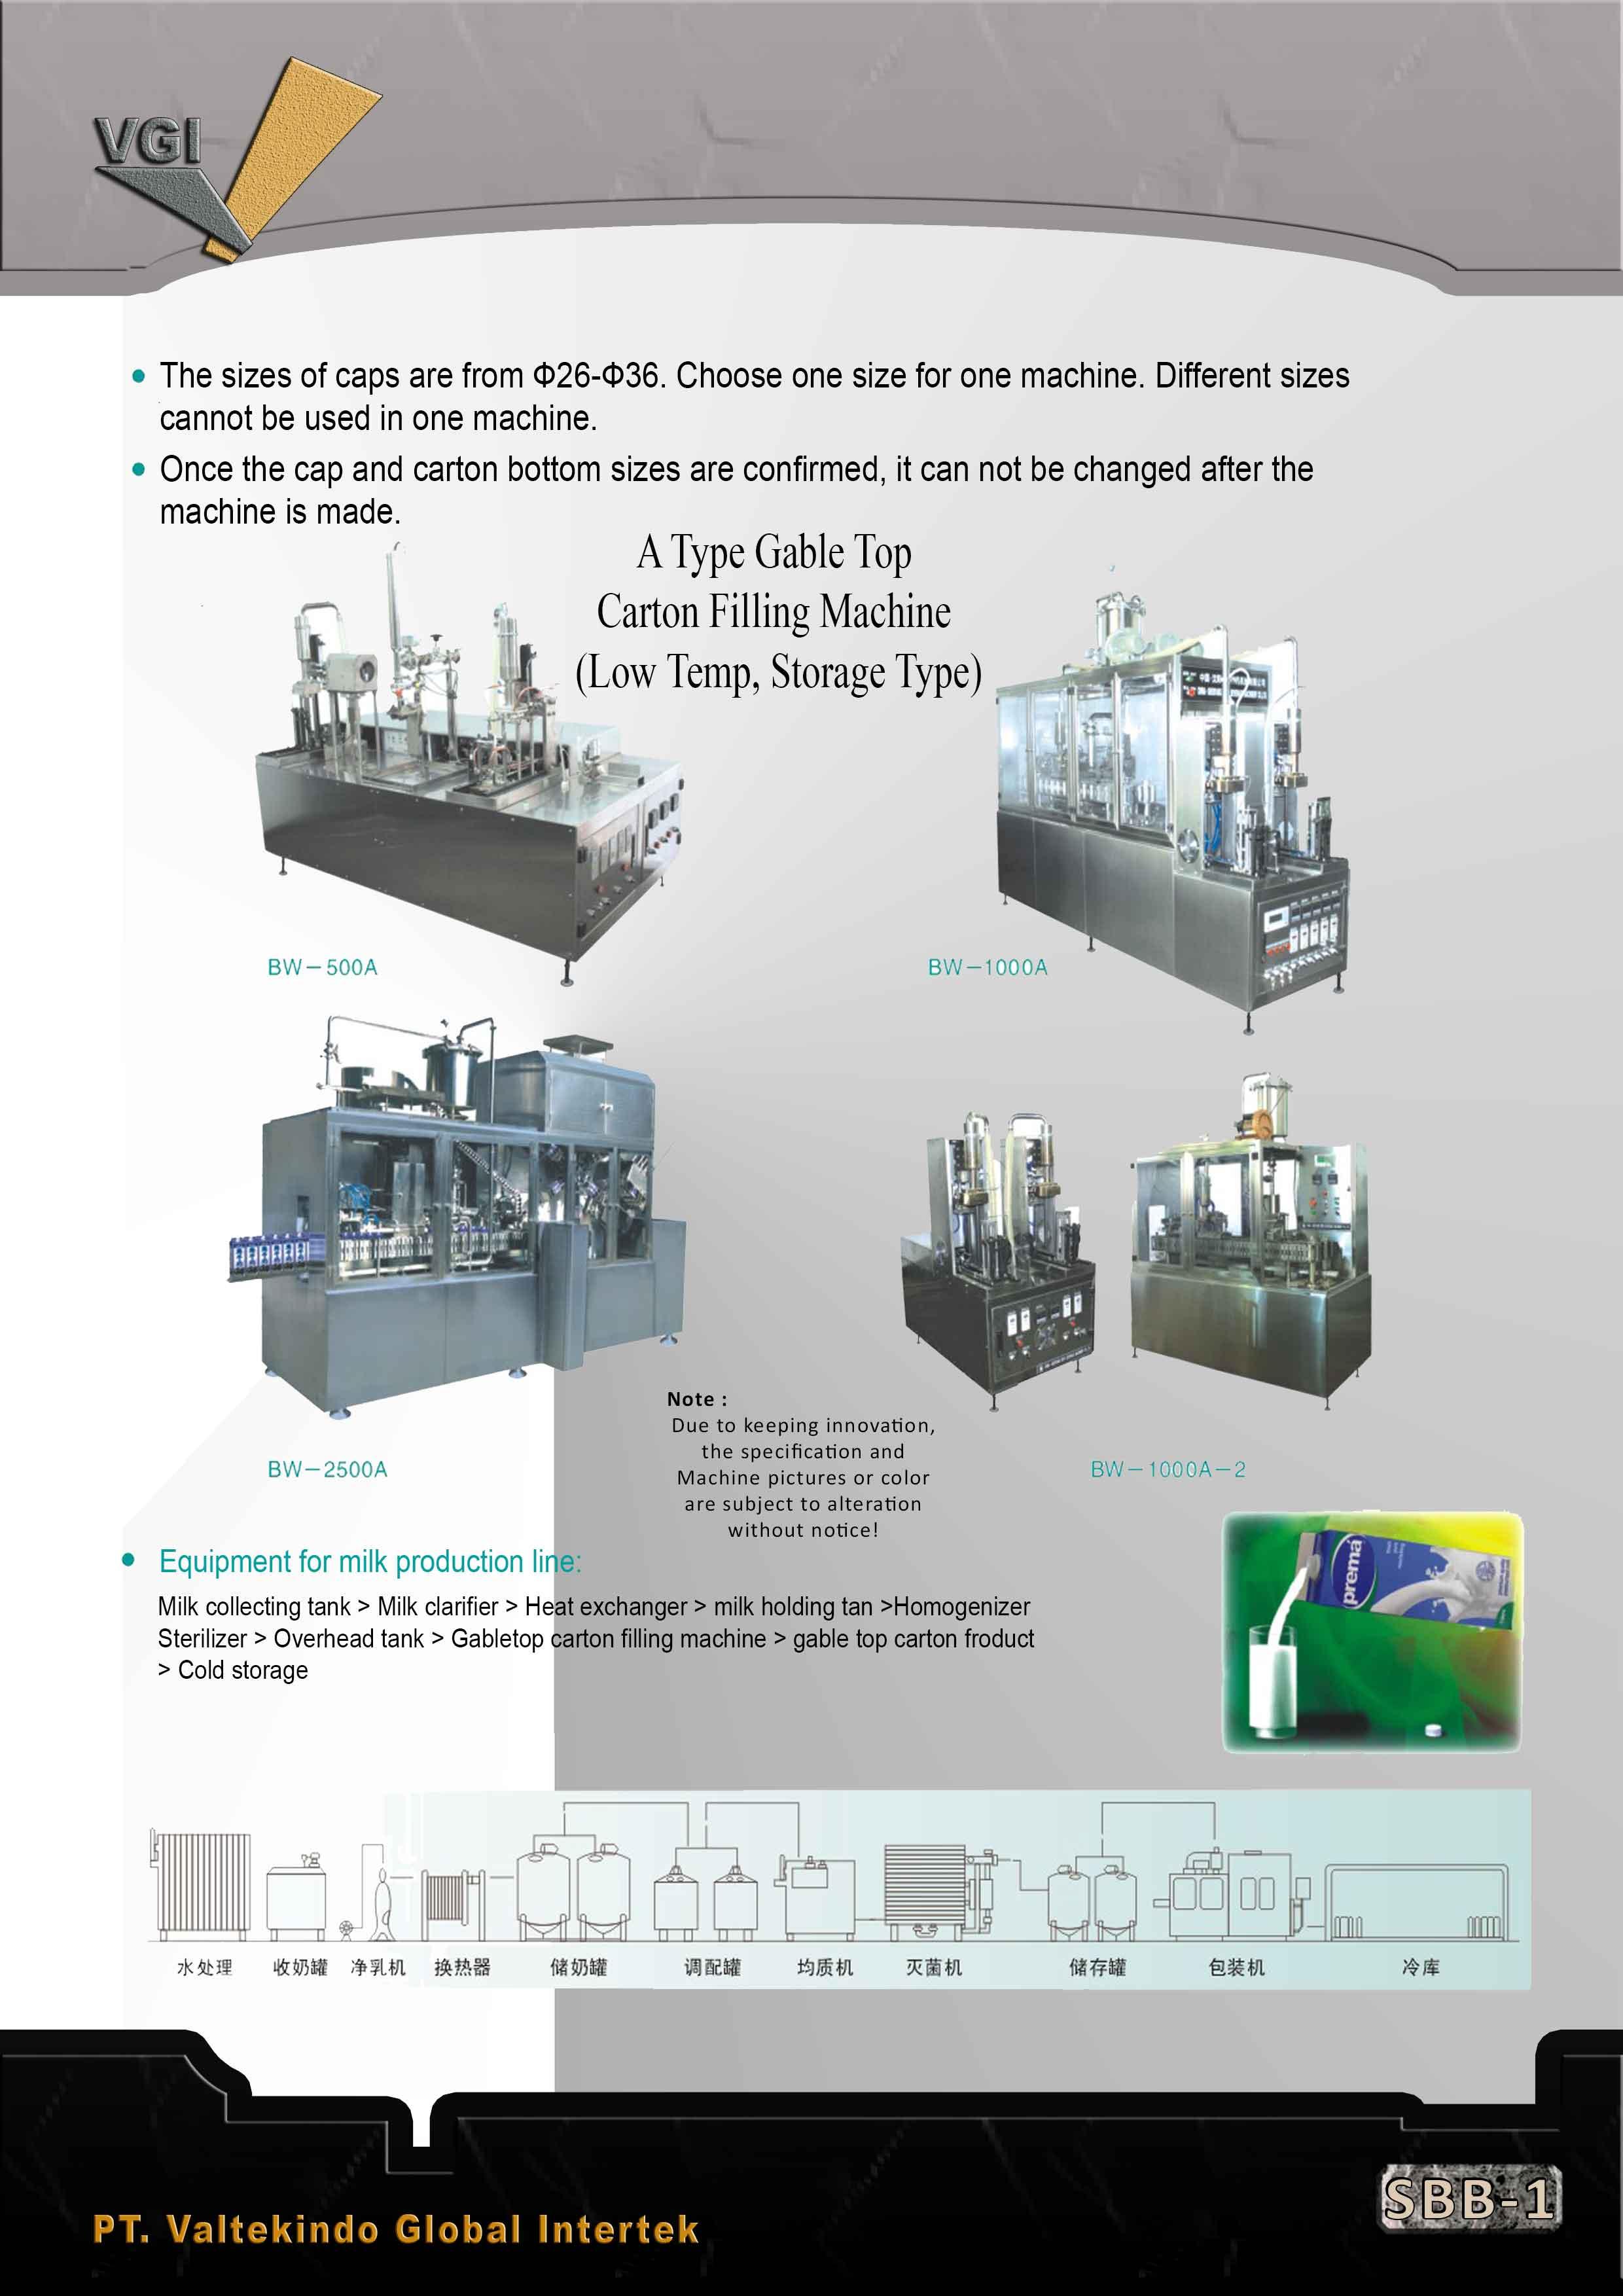 jual mesin Gable Top Carton Filling Machine (Low Temp, Storage Type) Gable Top Carton Filling Machine (Low Temp, Storage Type)